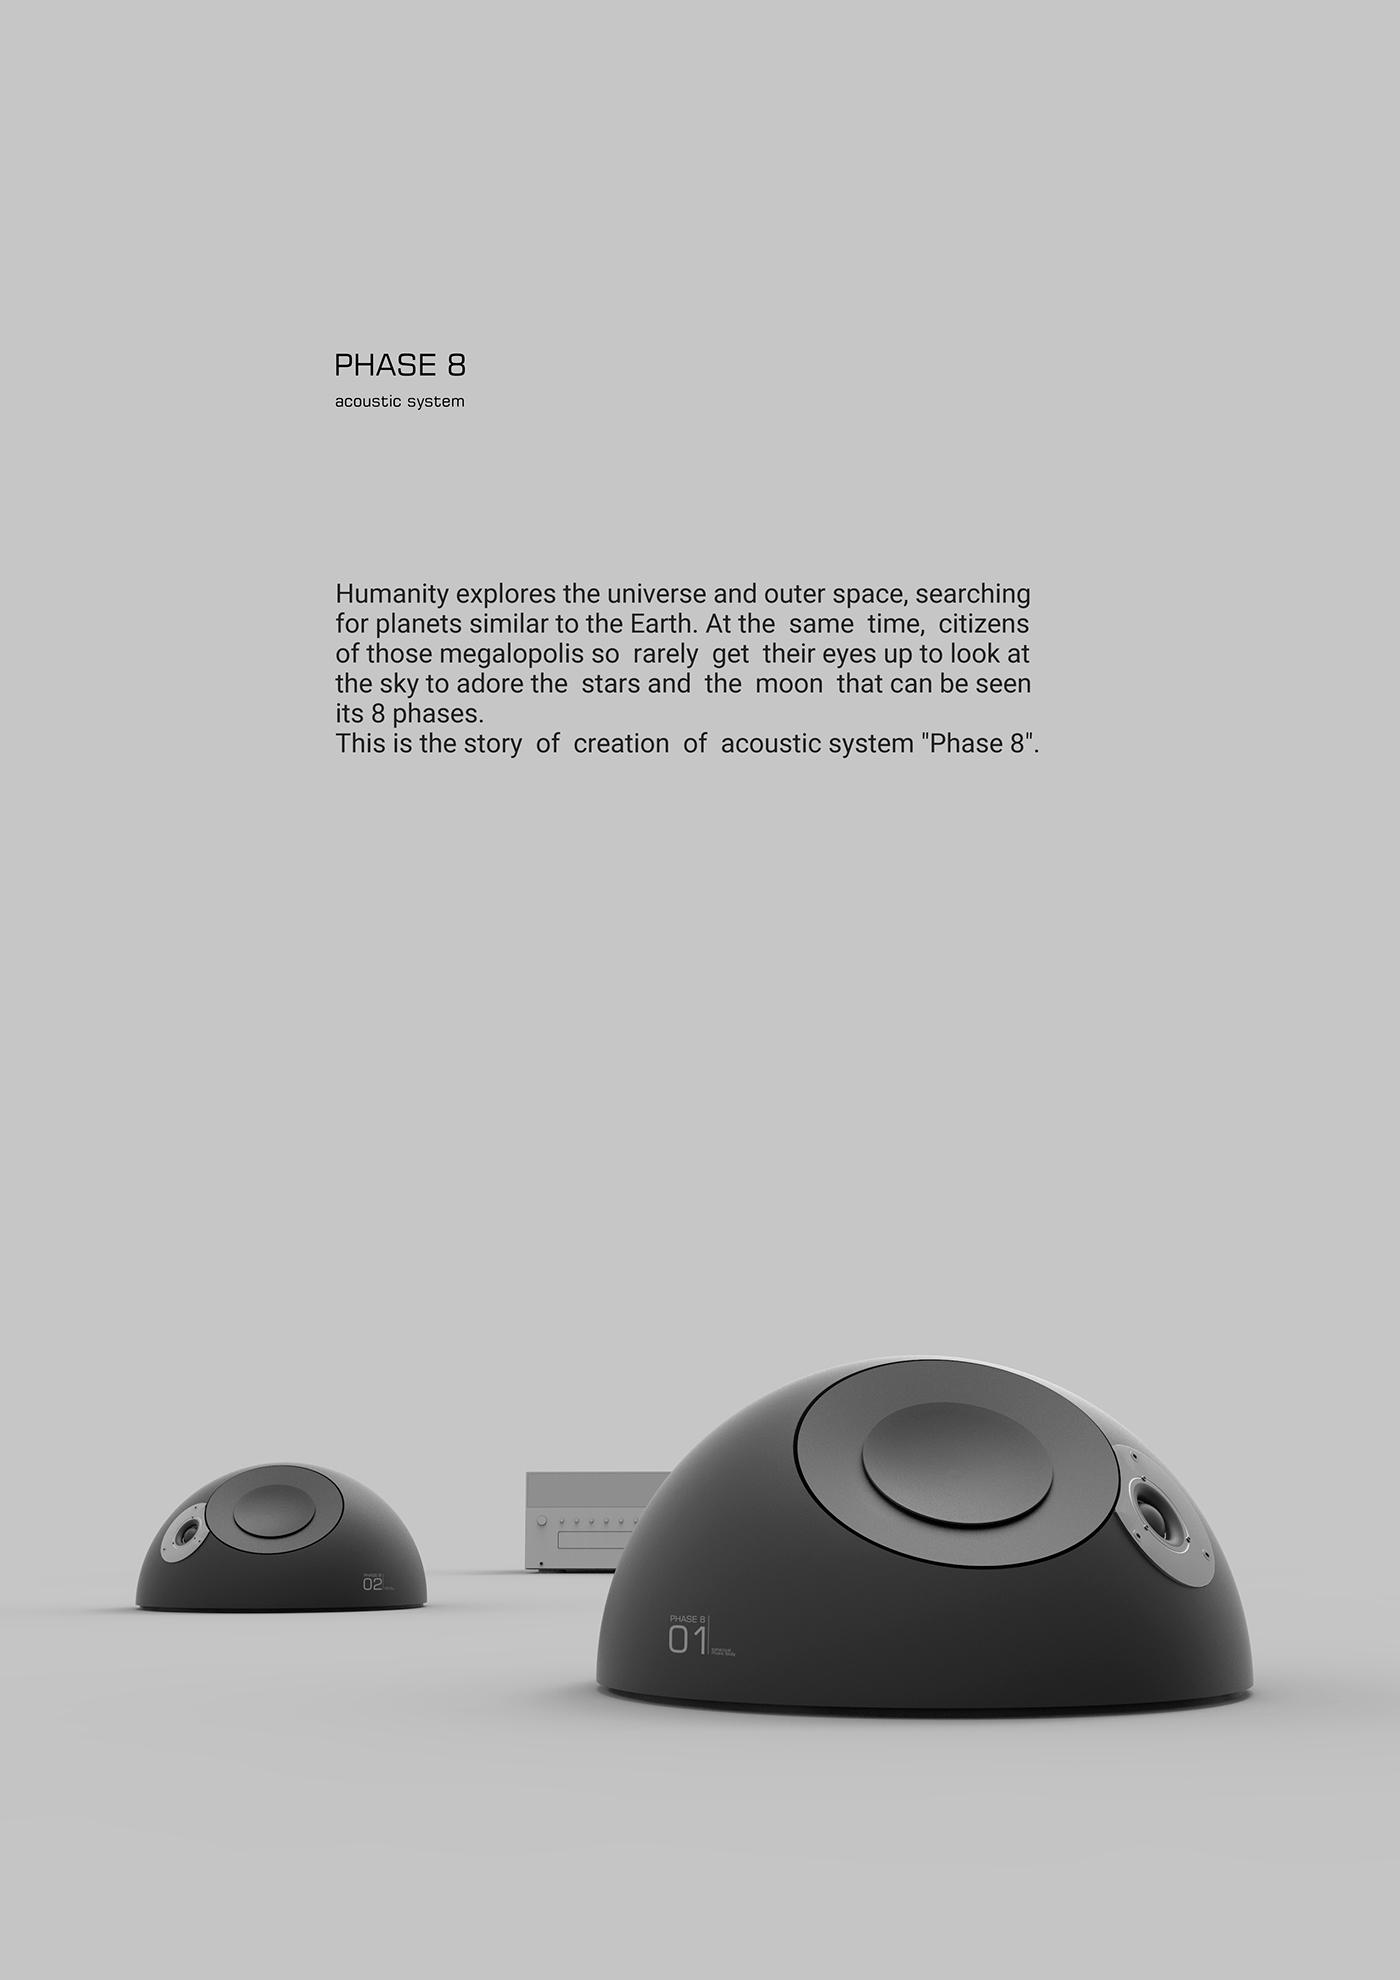 月球音响系统Phase 8